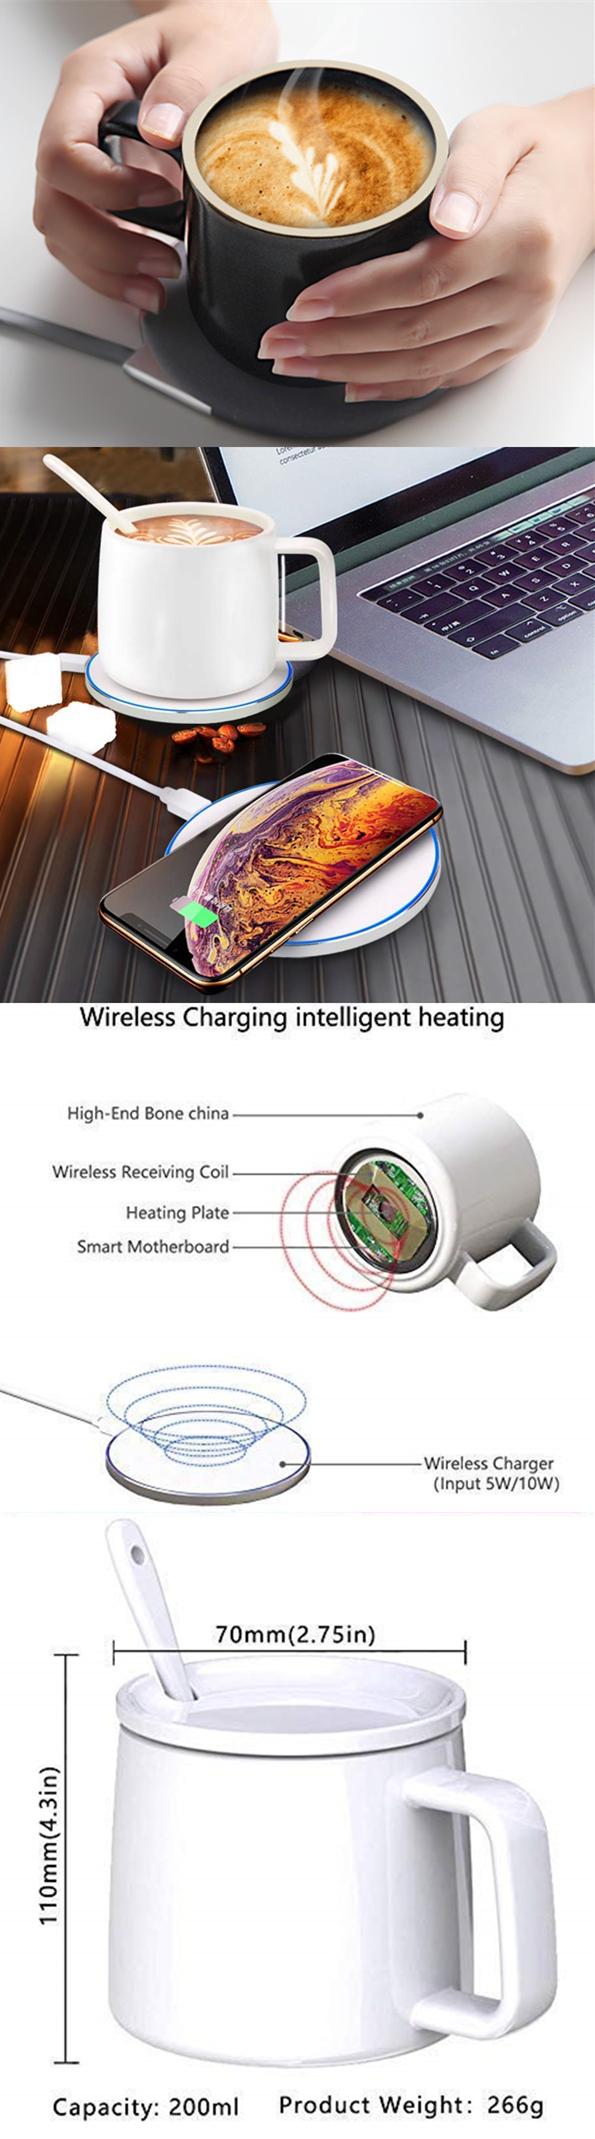 charger-mug-web.jpg